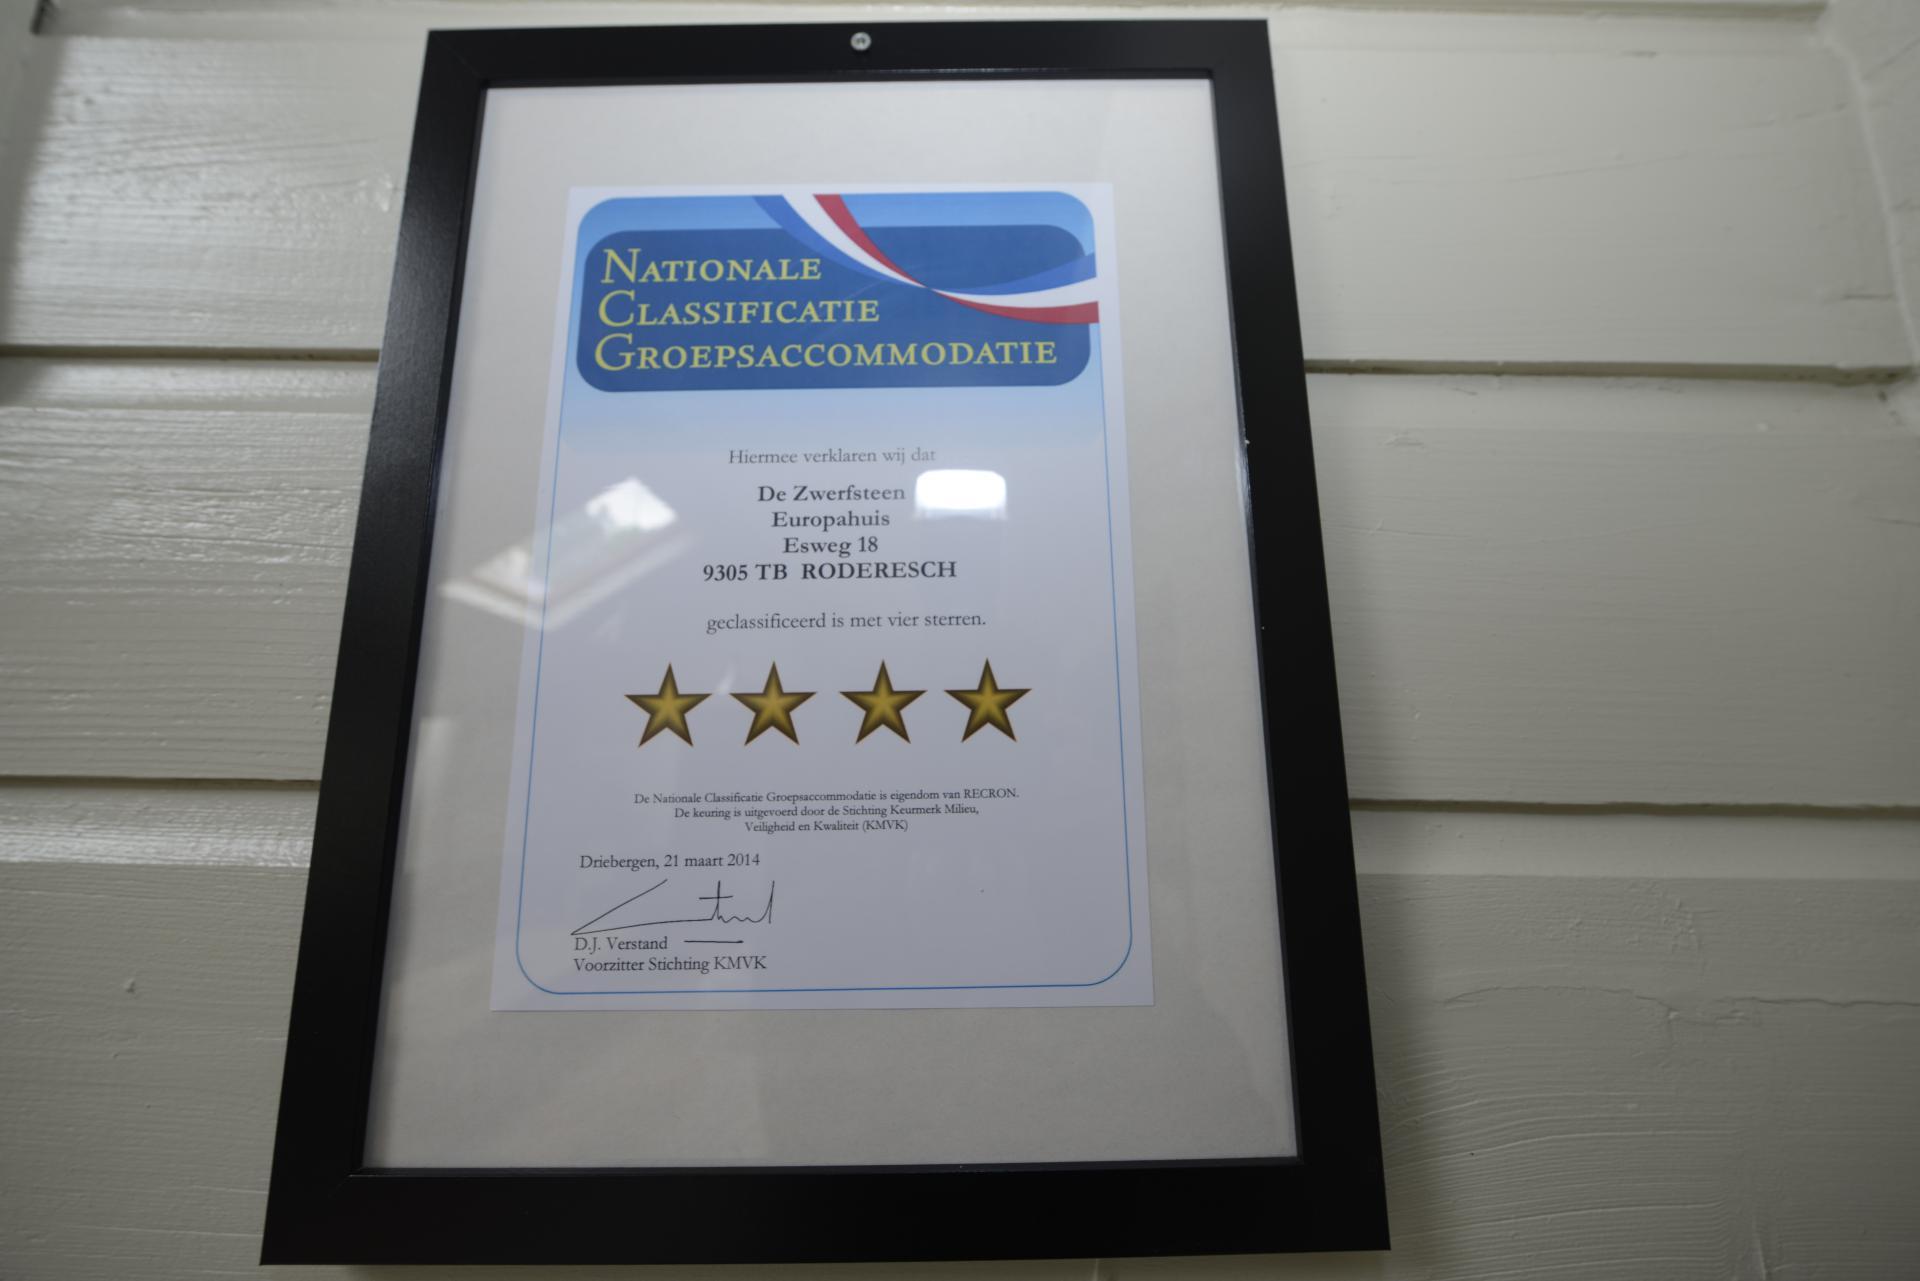 Groepsaccommodatie certificaat